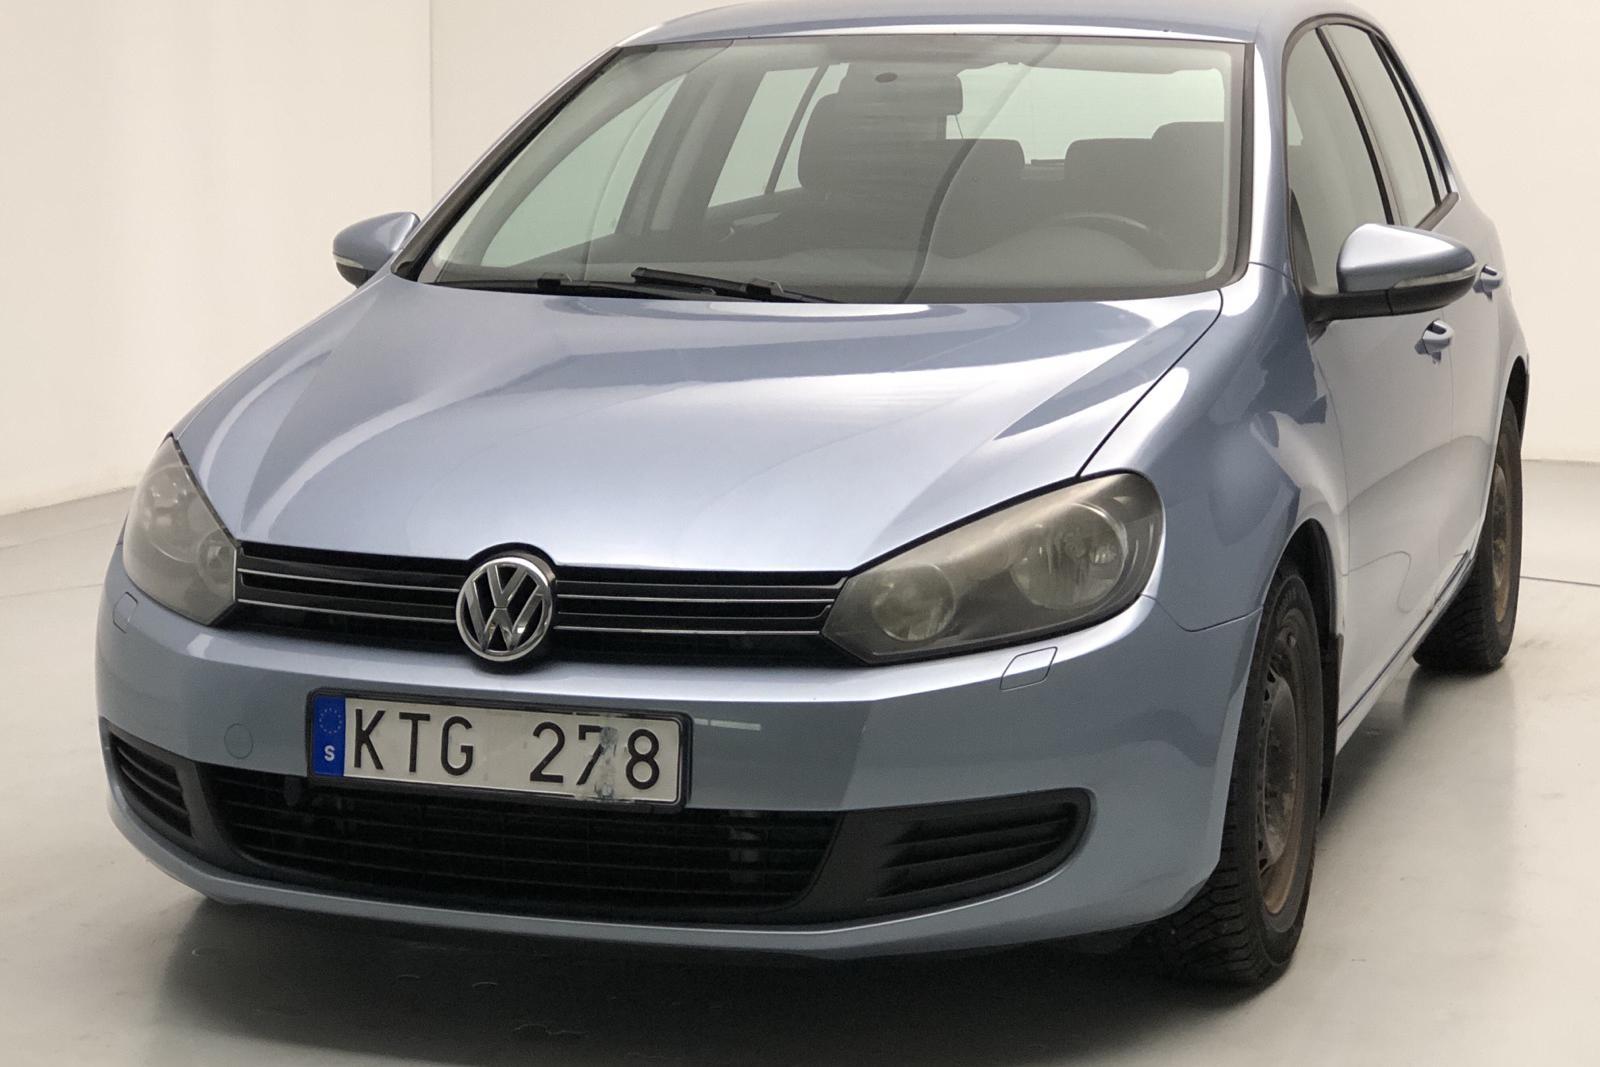 VW Golf VI 1.4 TSI 5dr (122hk) - 119 000 km - Manual - Light Blue - 2011